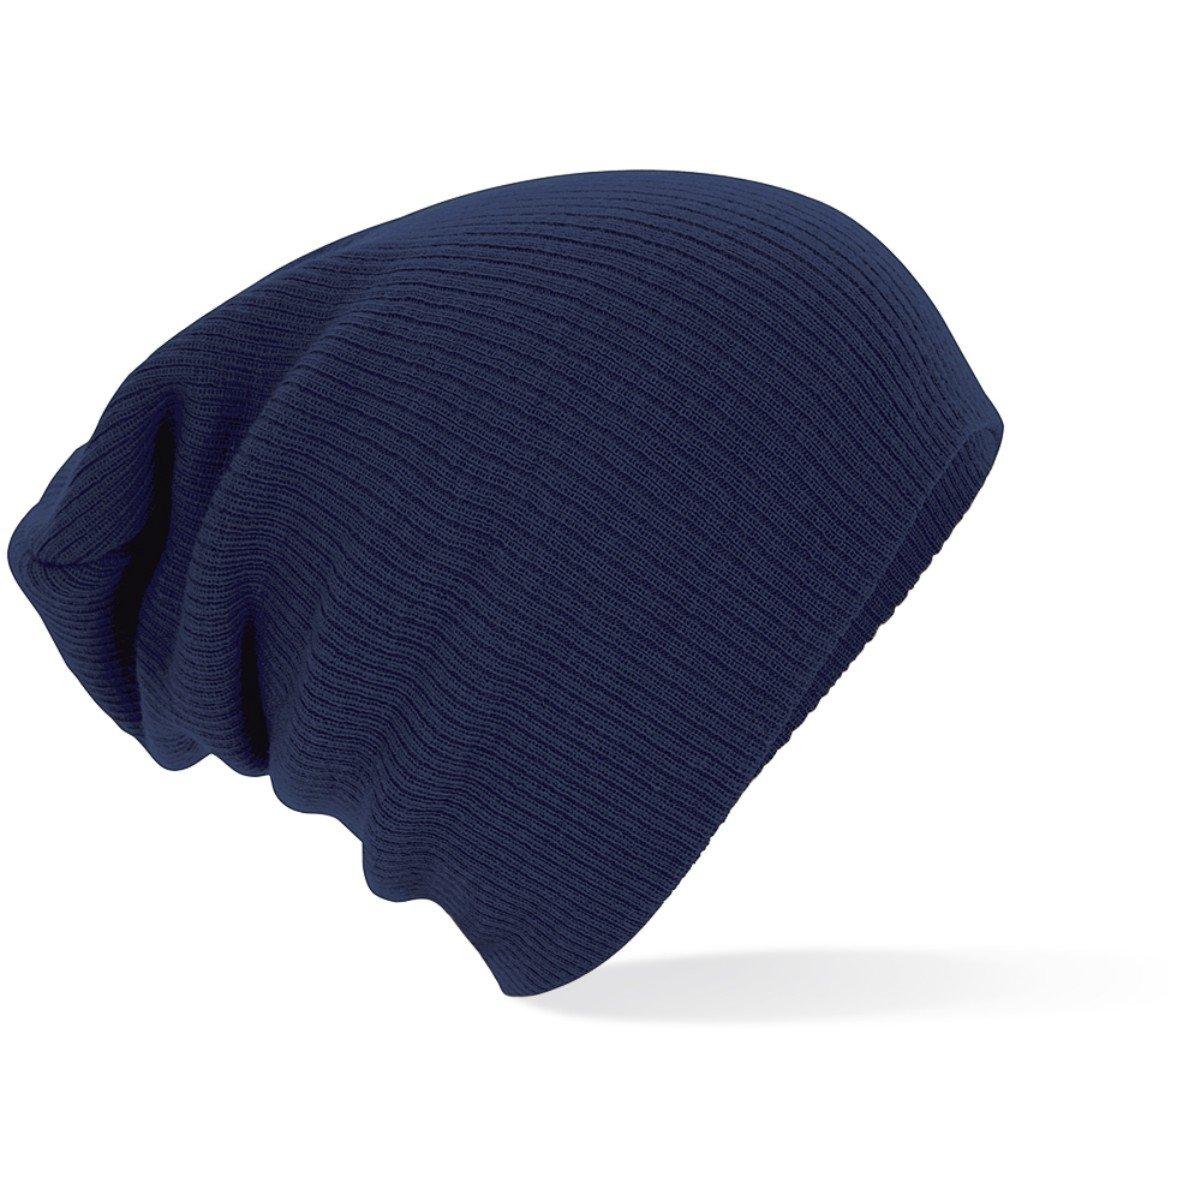 Slouchmütze, Fashion-Hat, Wintermütze, Größe Unisex viel Farben Frenchnavy